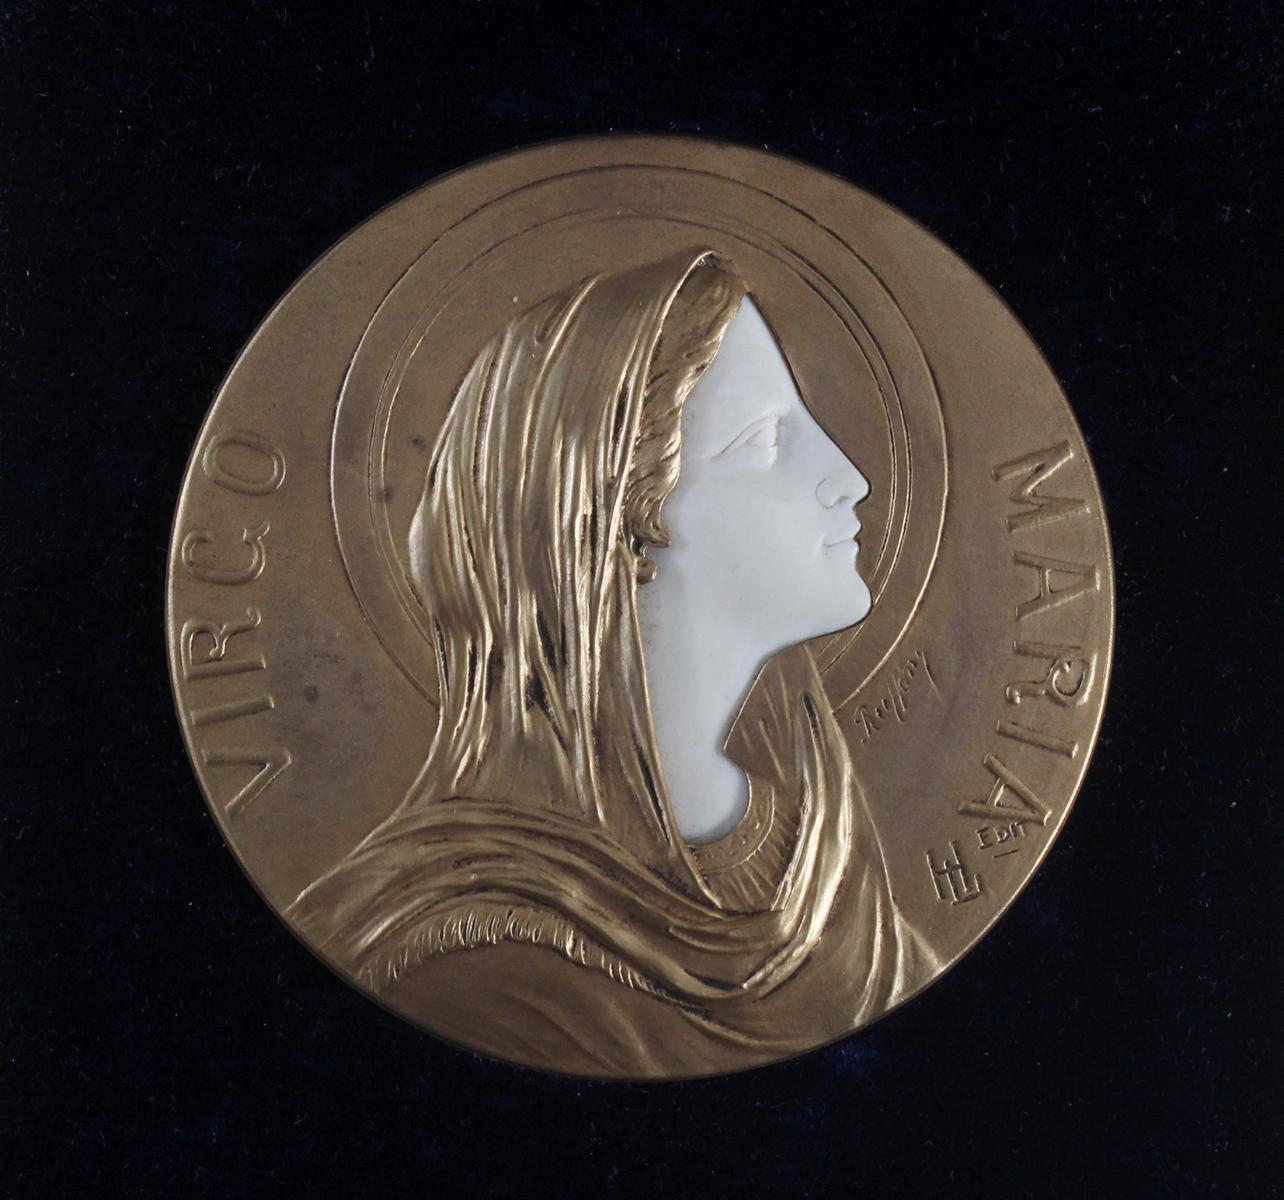 Bronzemedaille im Etui, Frankreich um 1900, signiert Ruffony, Virgo Maria-2